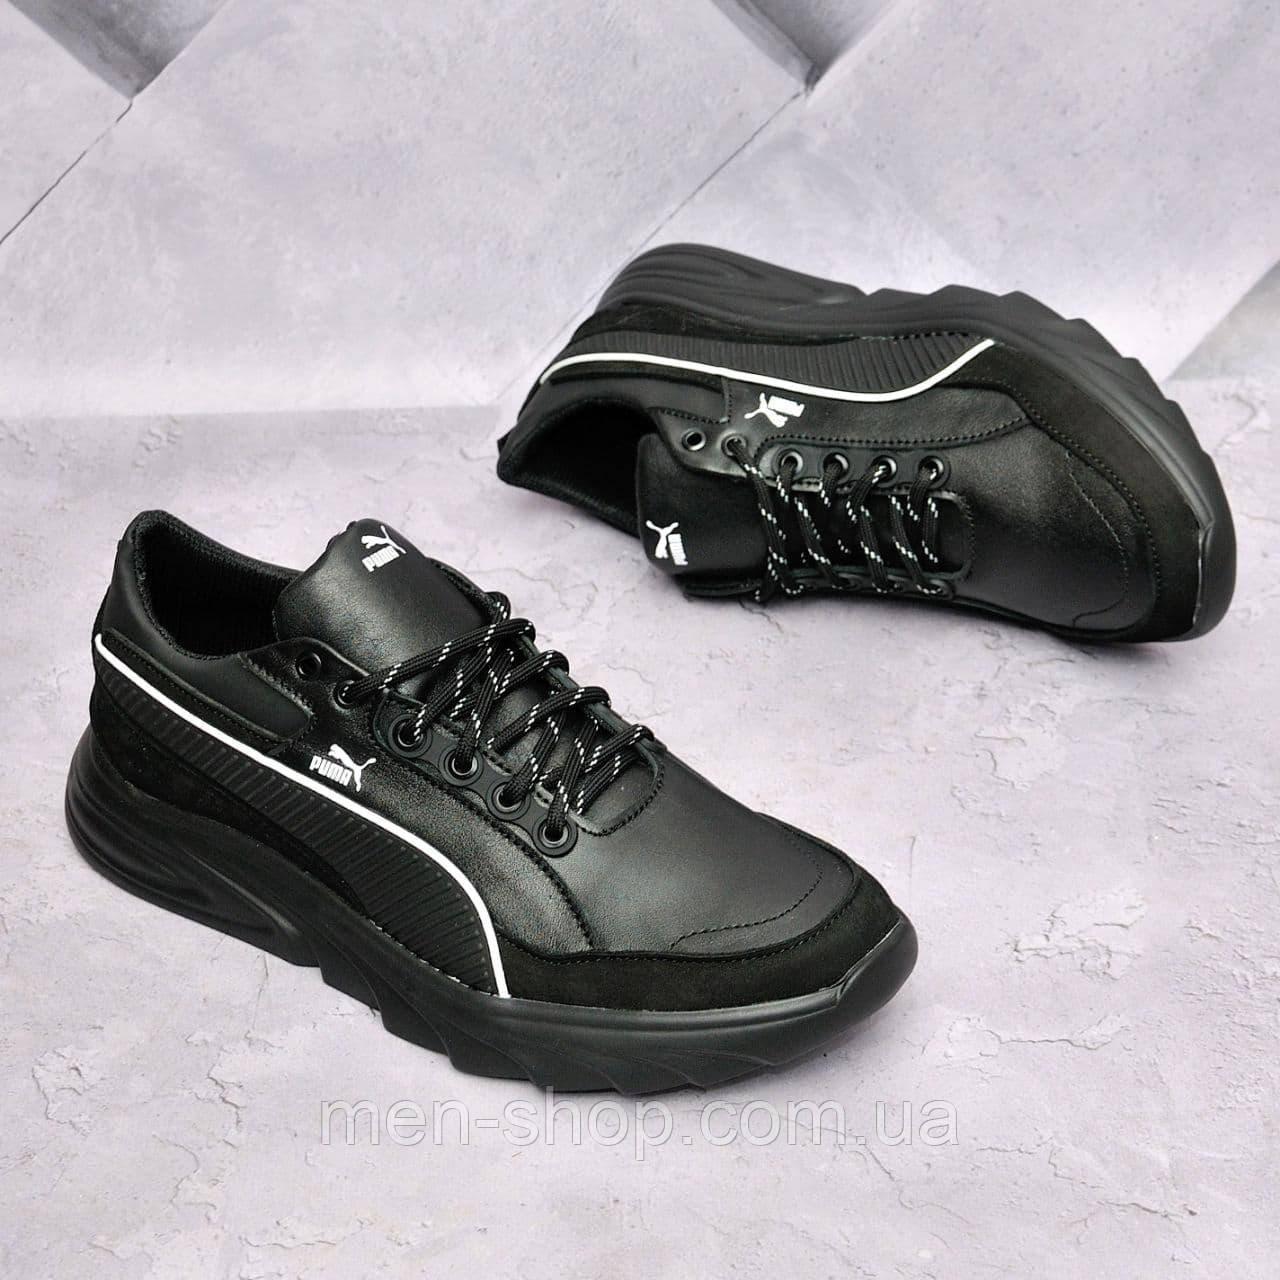 Мужские кожаные кроссовки Puma